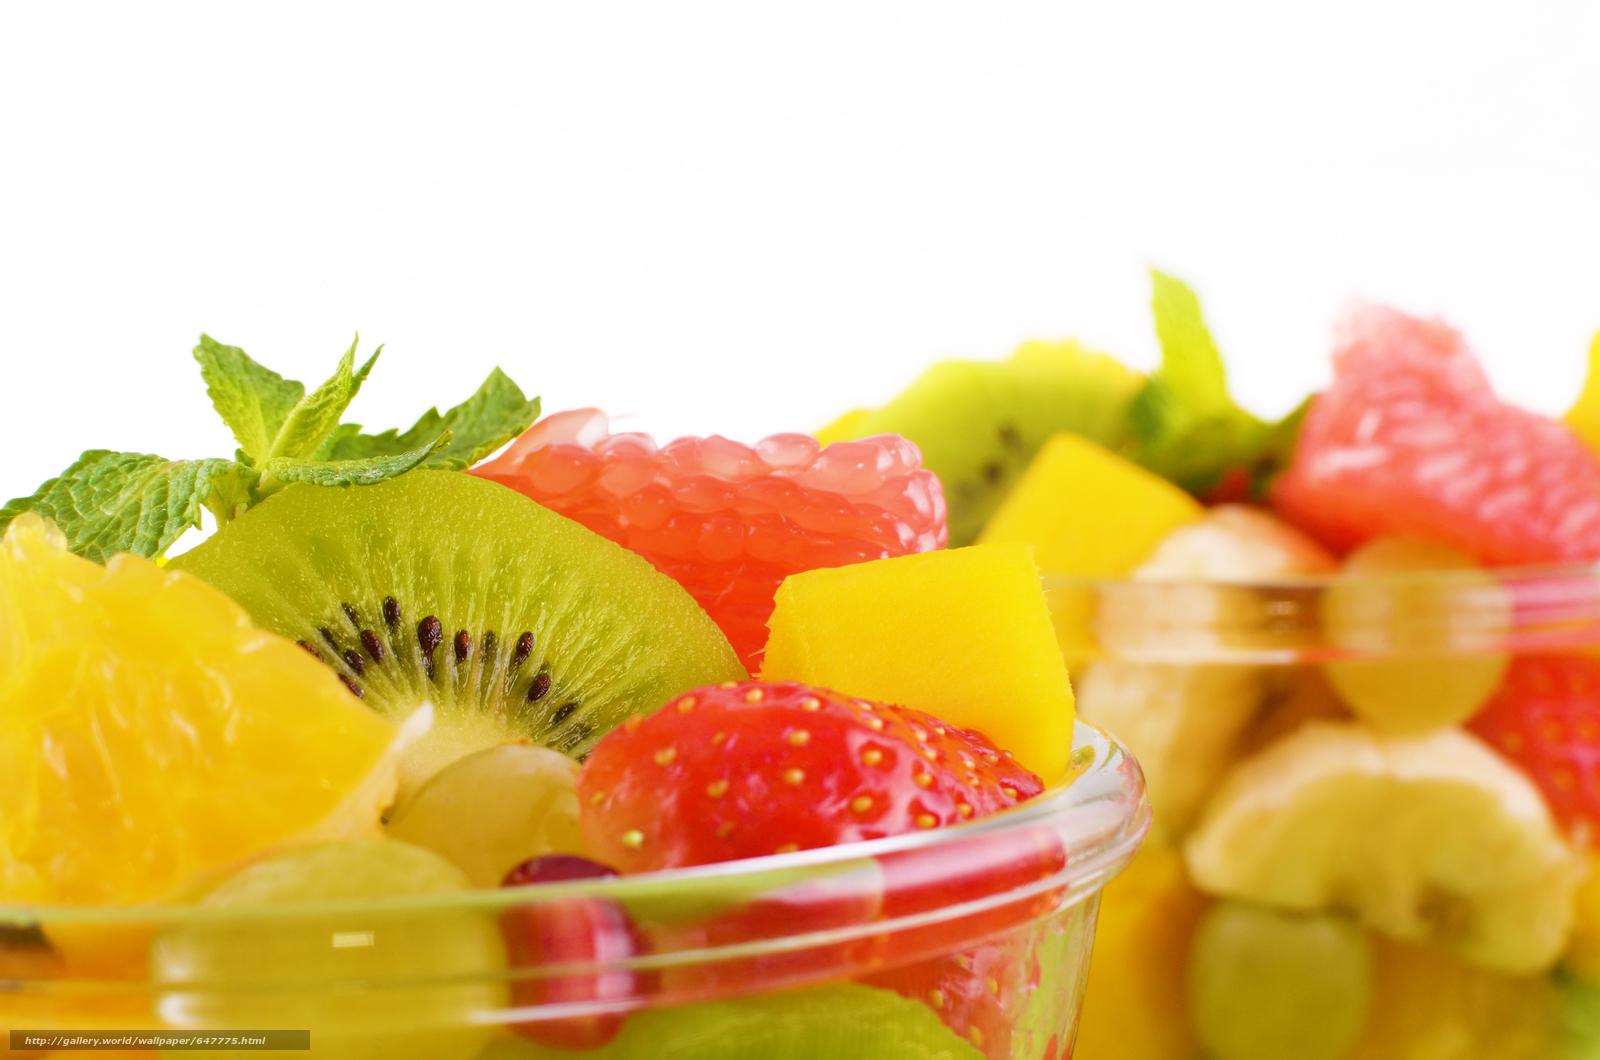 Скачать обои фрукты,  витамины,  еда бесплатно для рабочего стола в разрешении 8000x5298 — картинка №647775